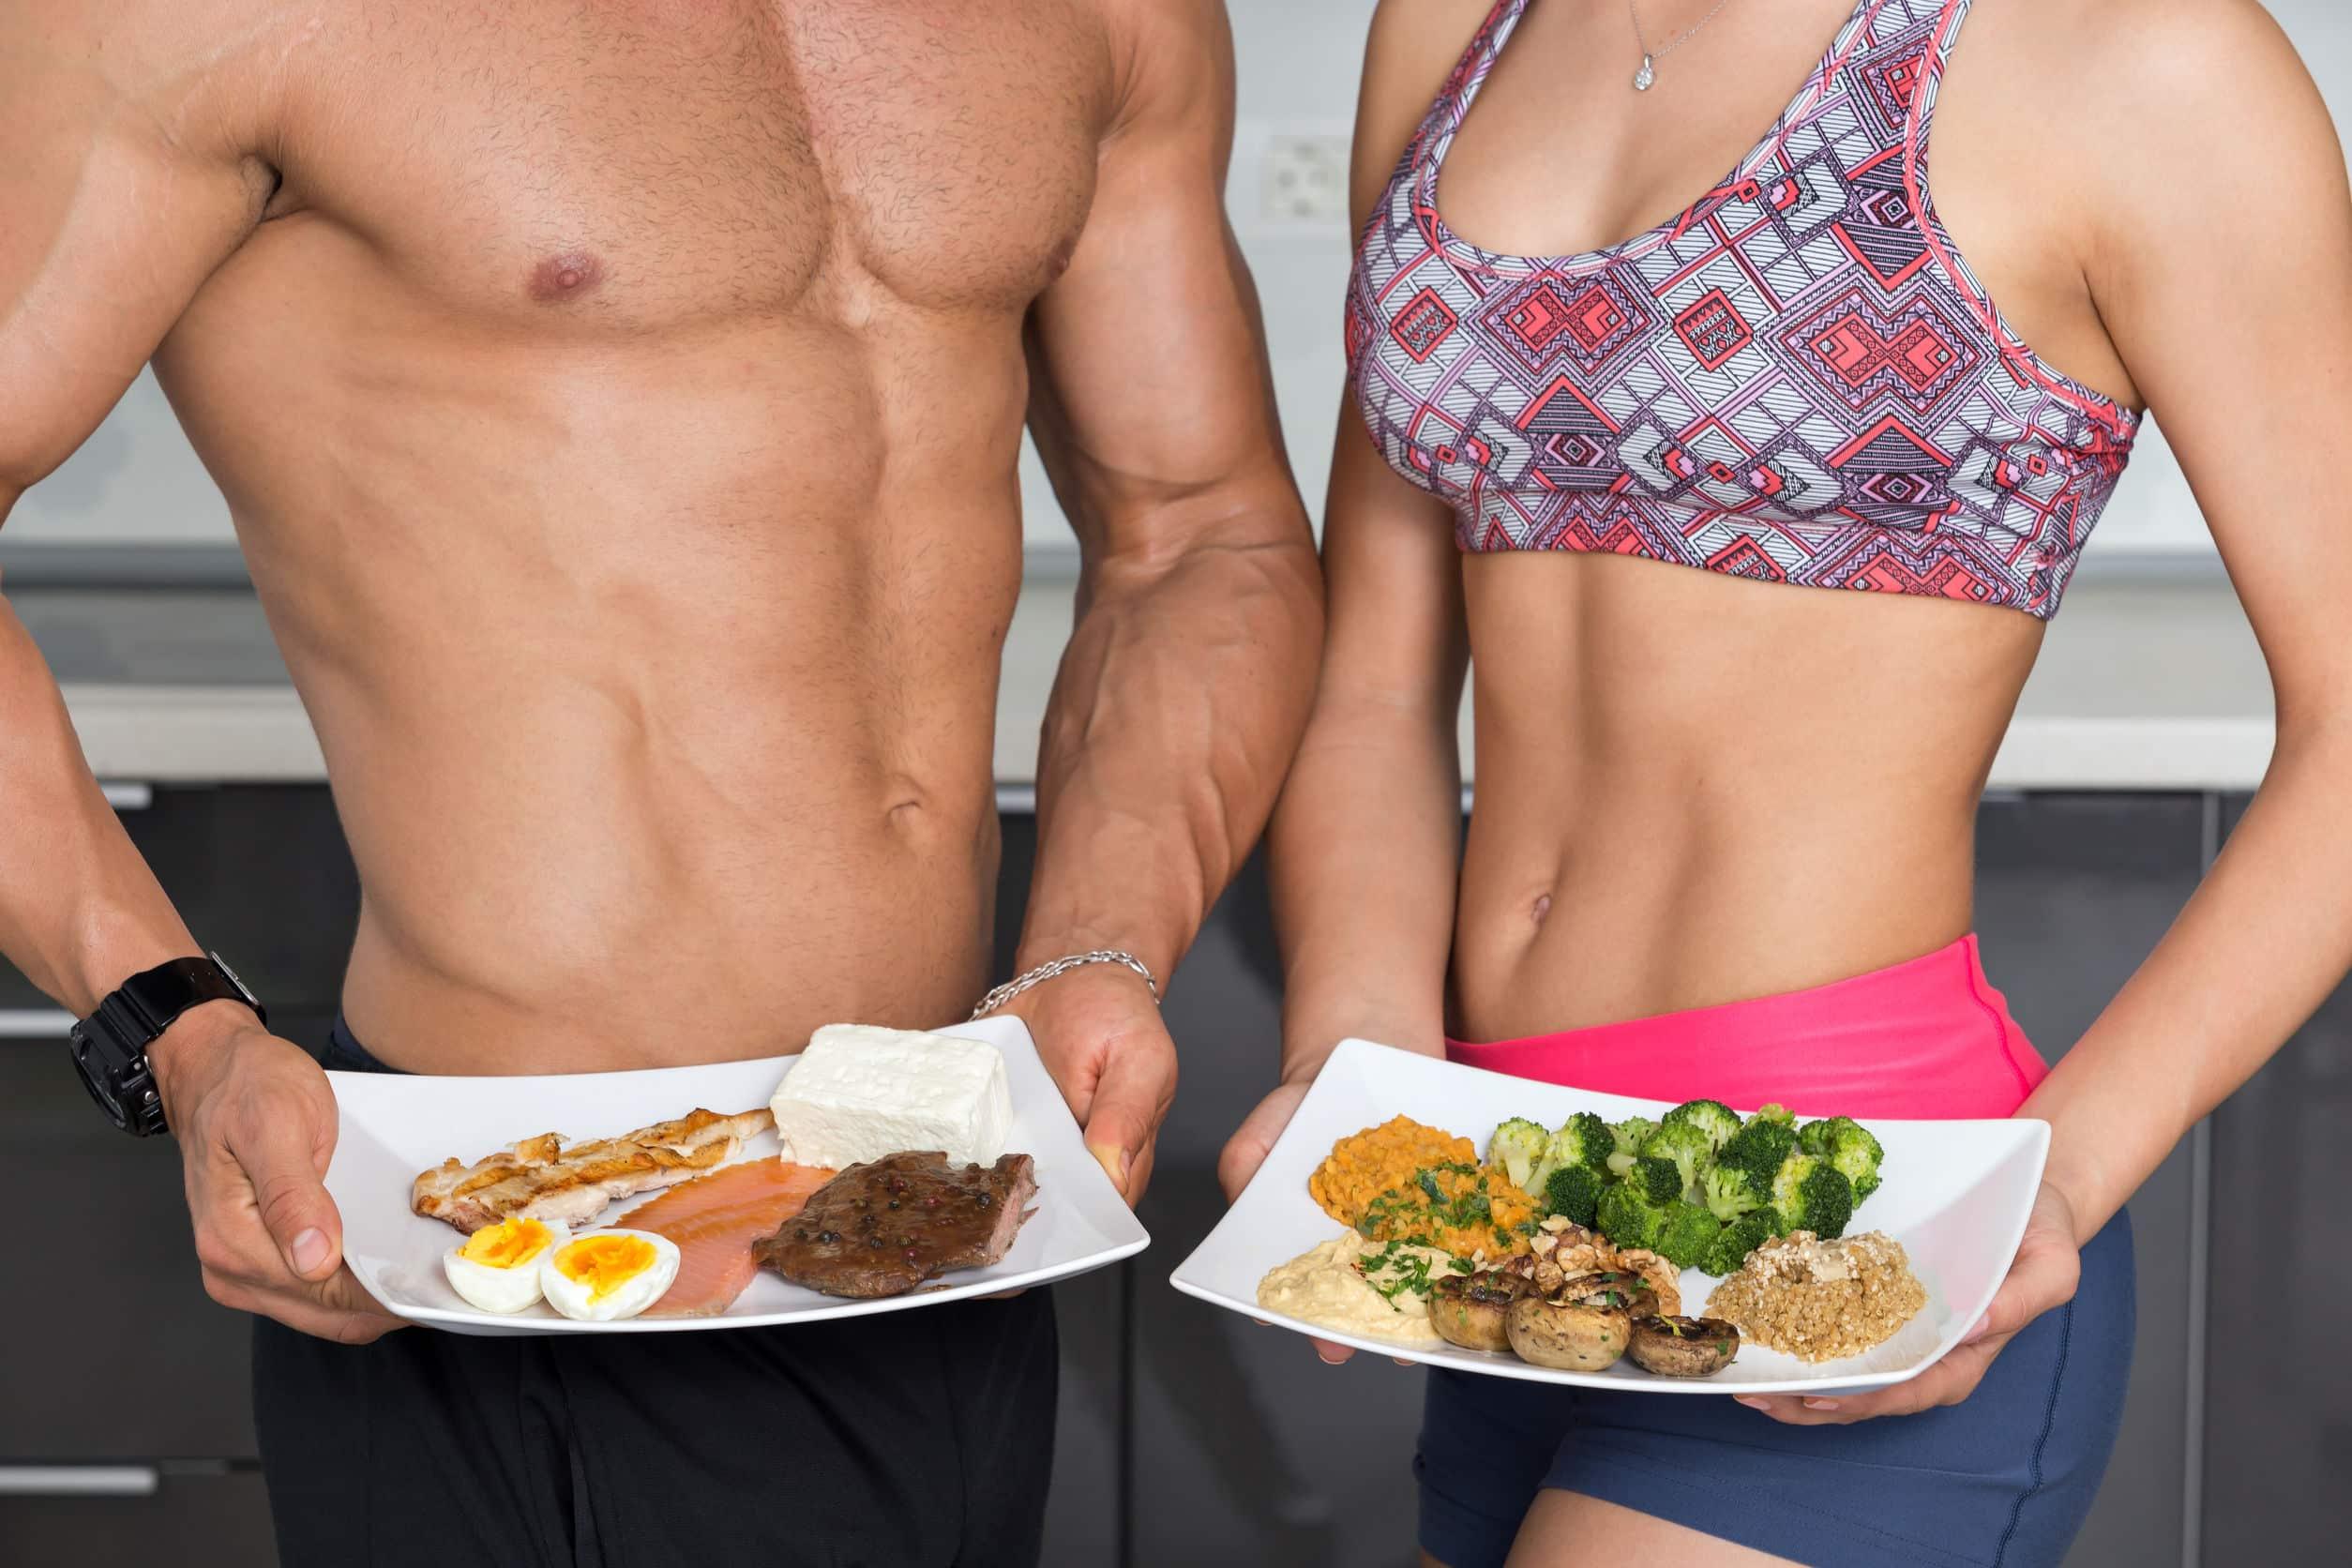 Подготовка к эко: питание и образ жизни, основные принципы и меню диеты перед процедурой